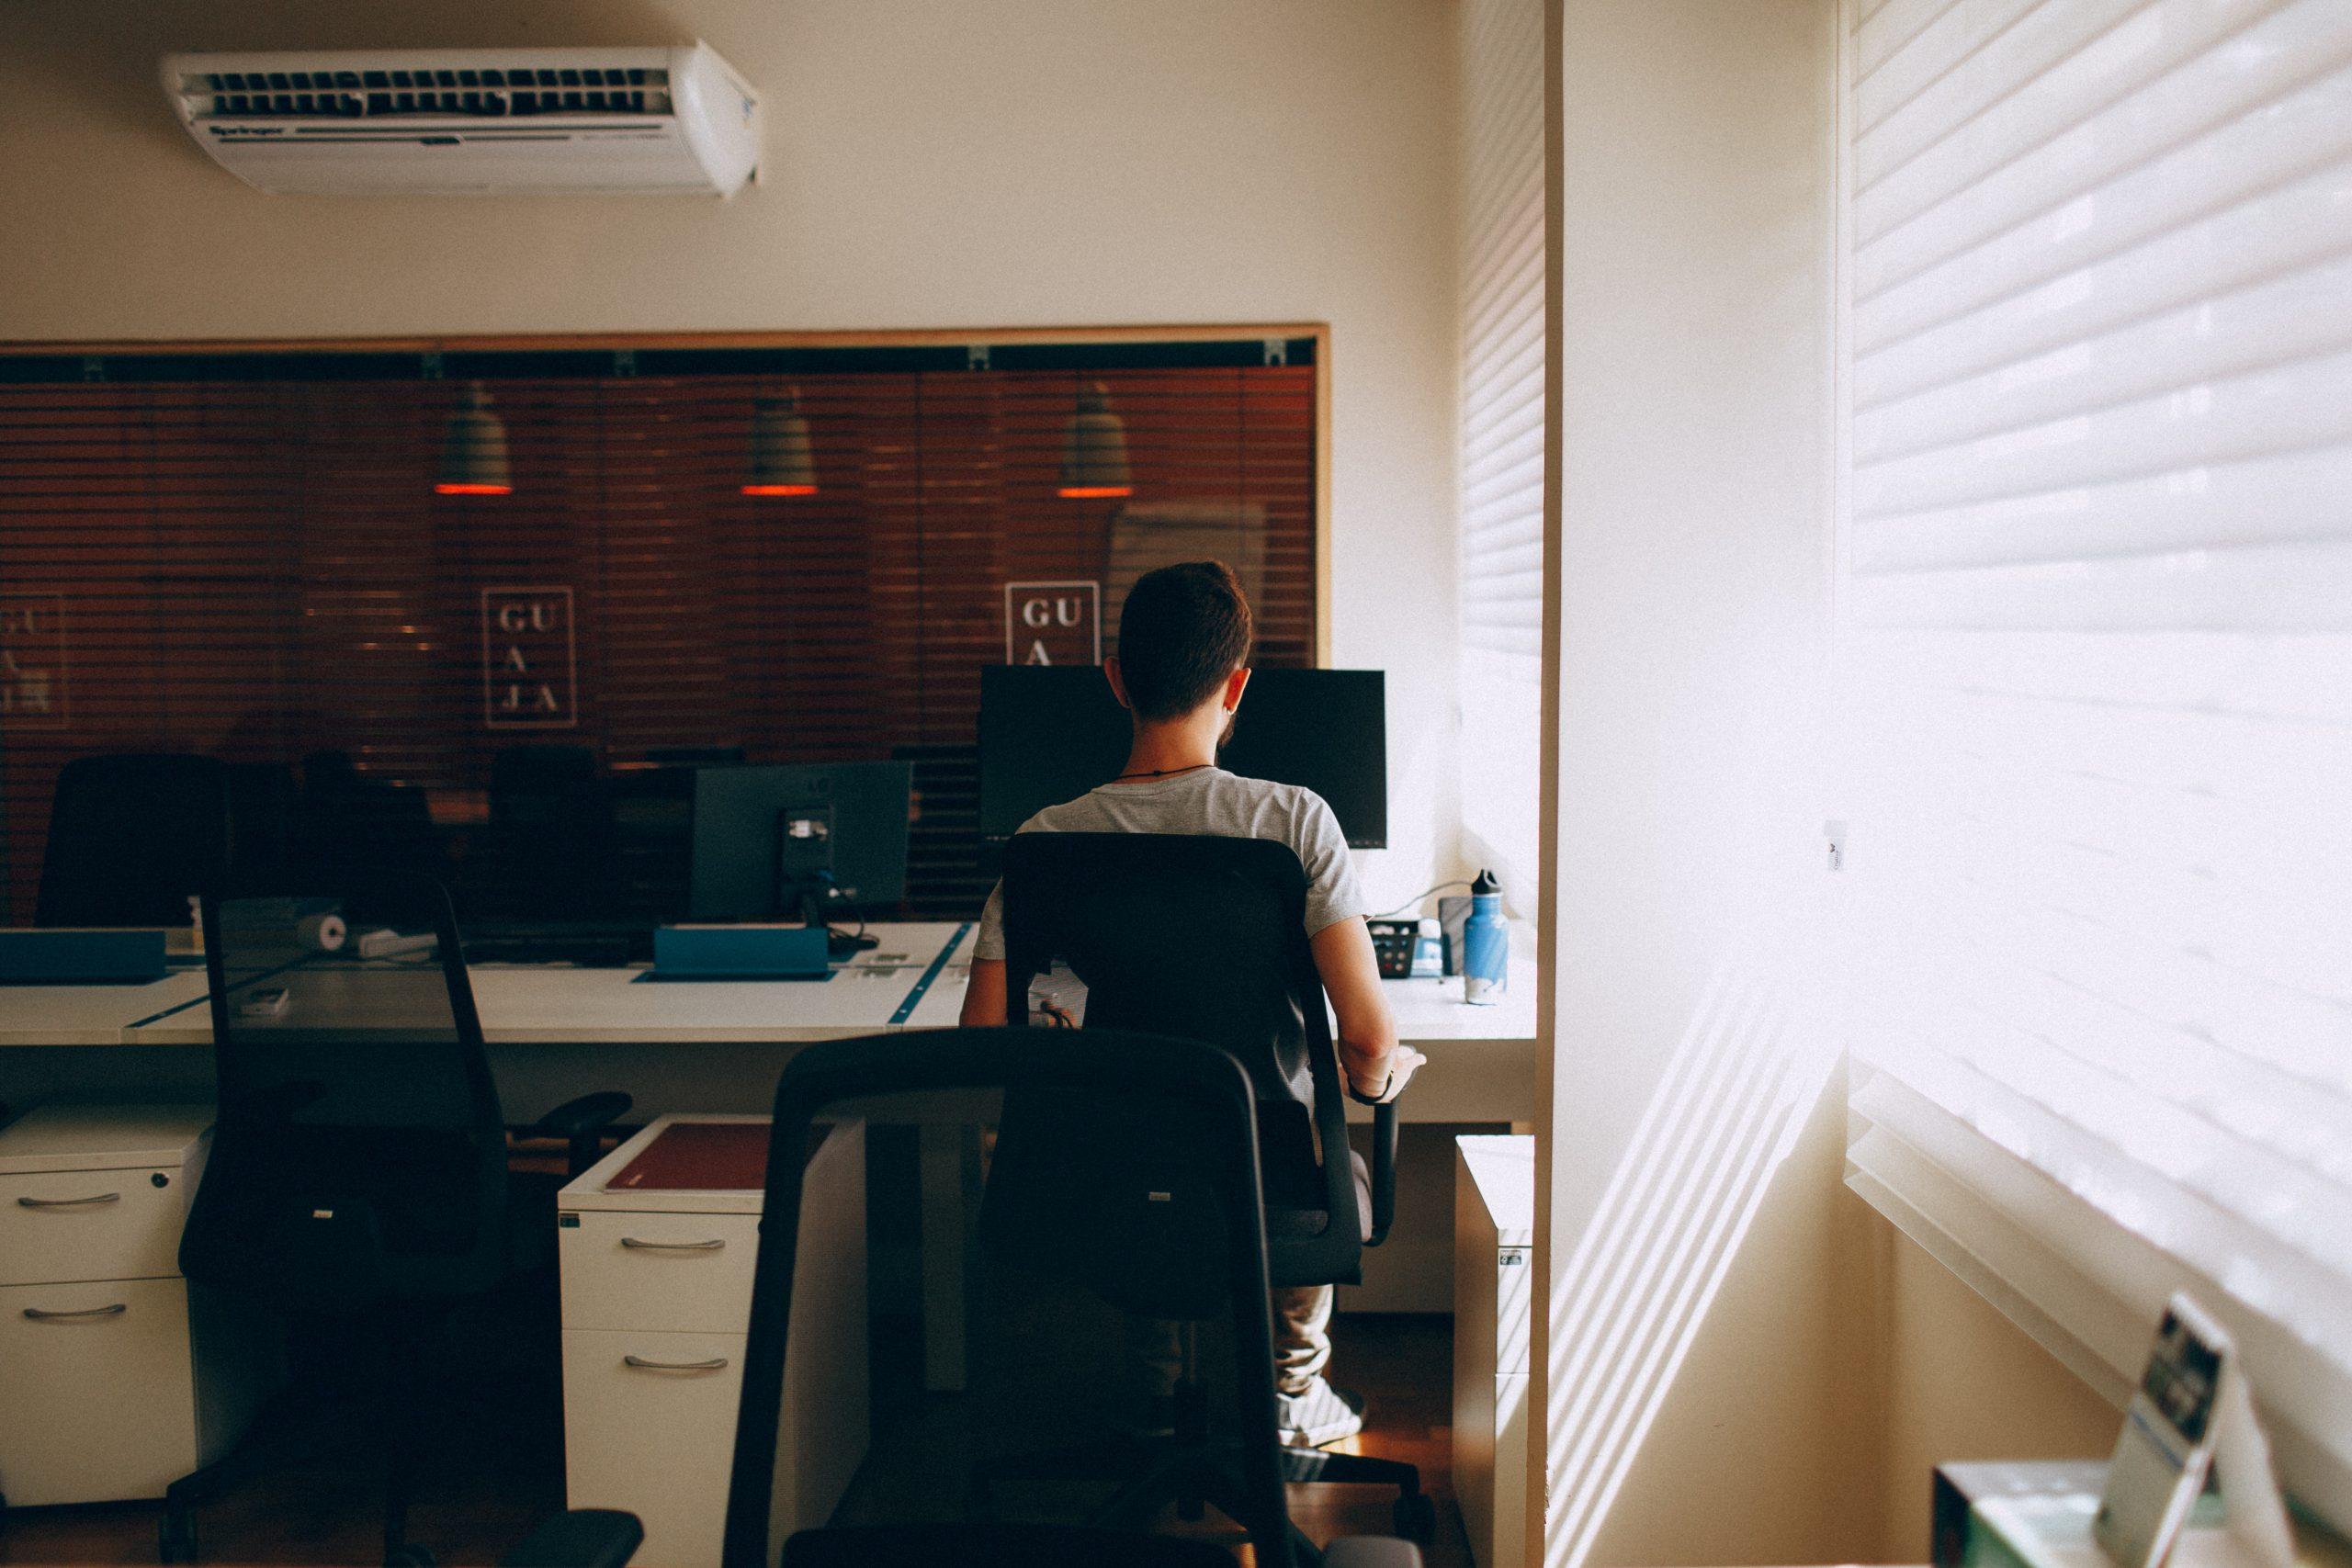 Menino de costas mexendo no computador em um escritório